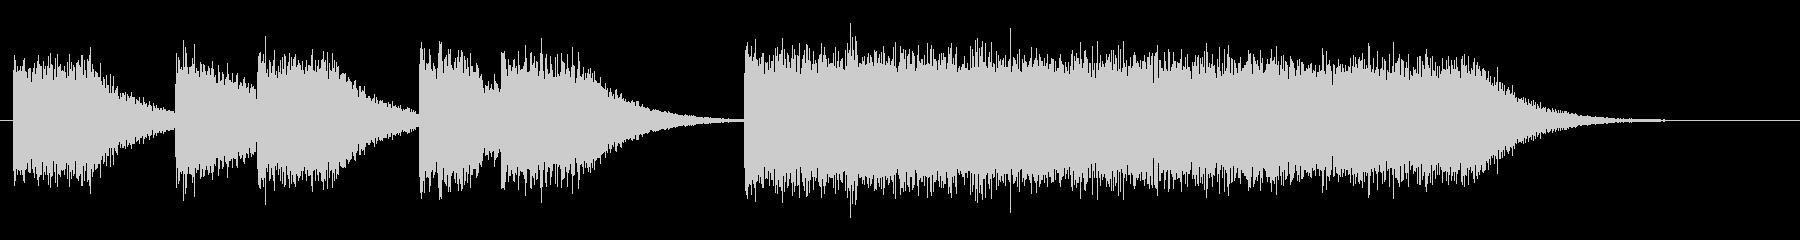 レトロゲームファンファーレ/短い軽い12の未再生の波形